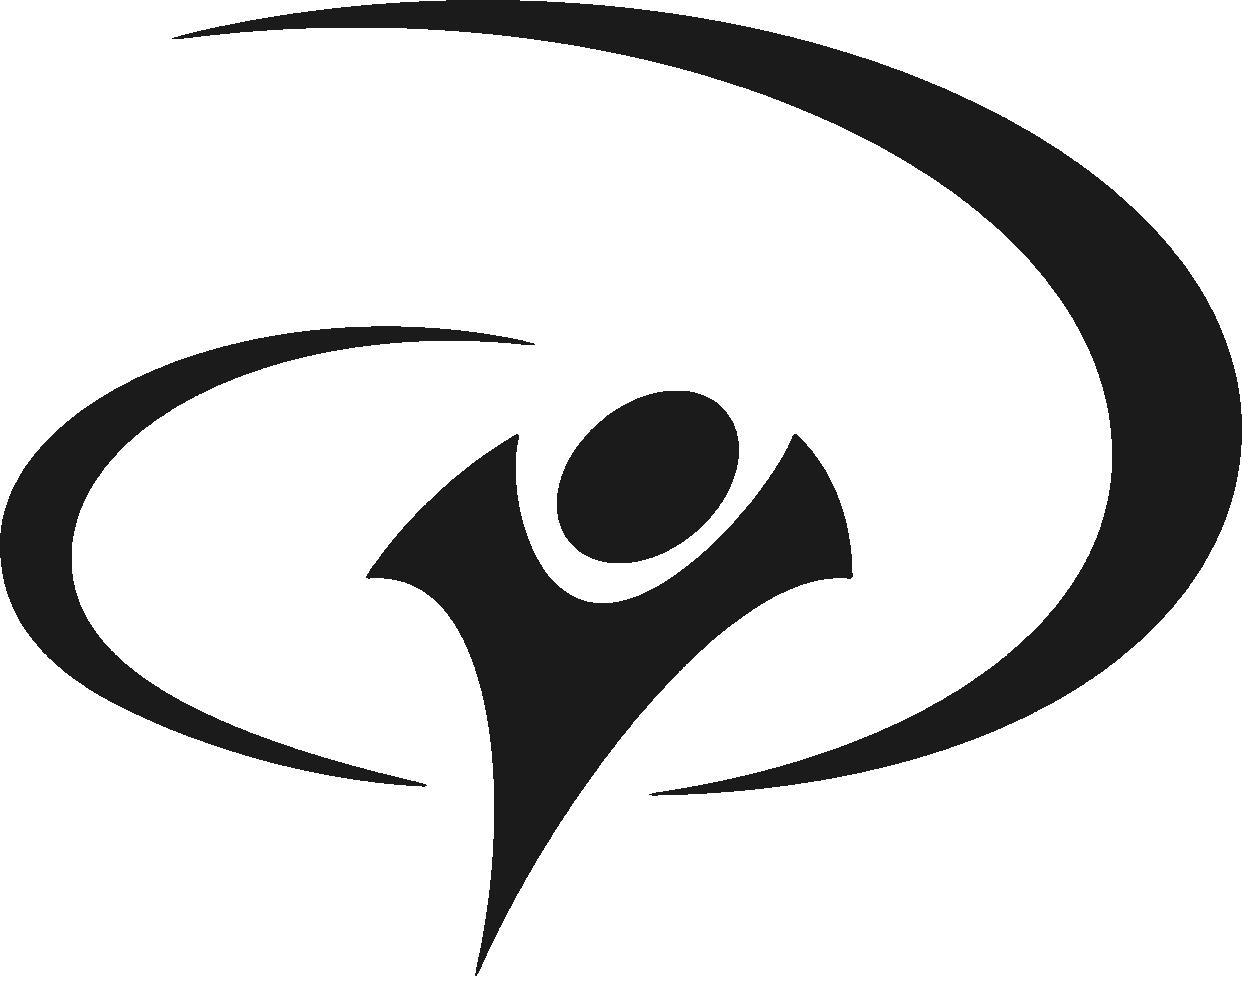 ywam logo large black transparent youth with a mission nashville rh ywamnashville org ywam colombia wam logopedia